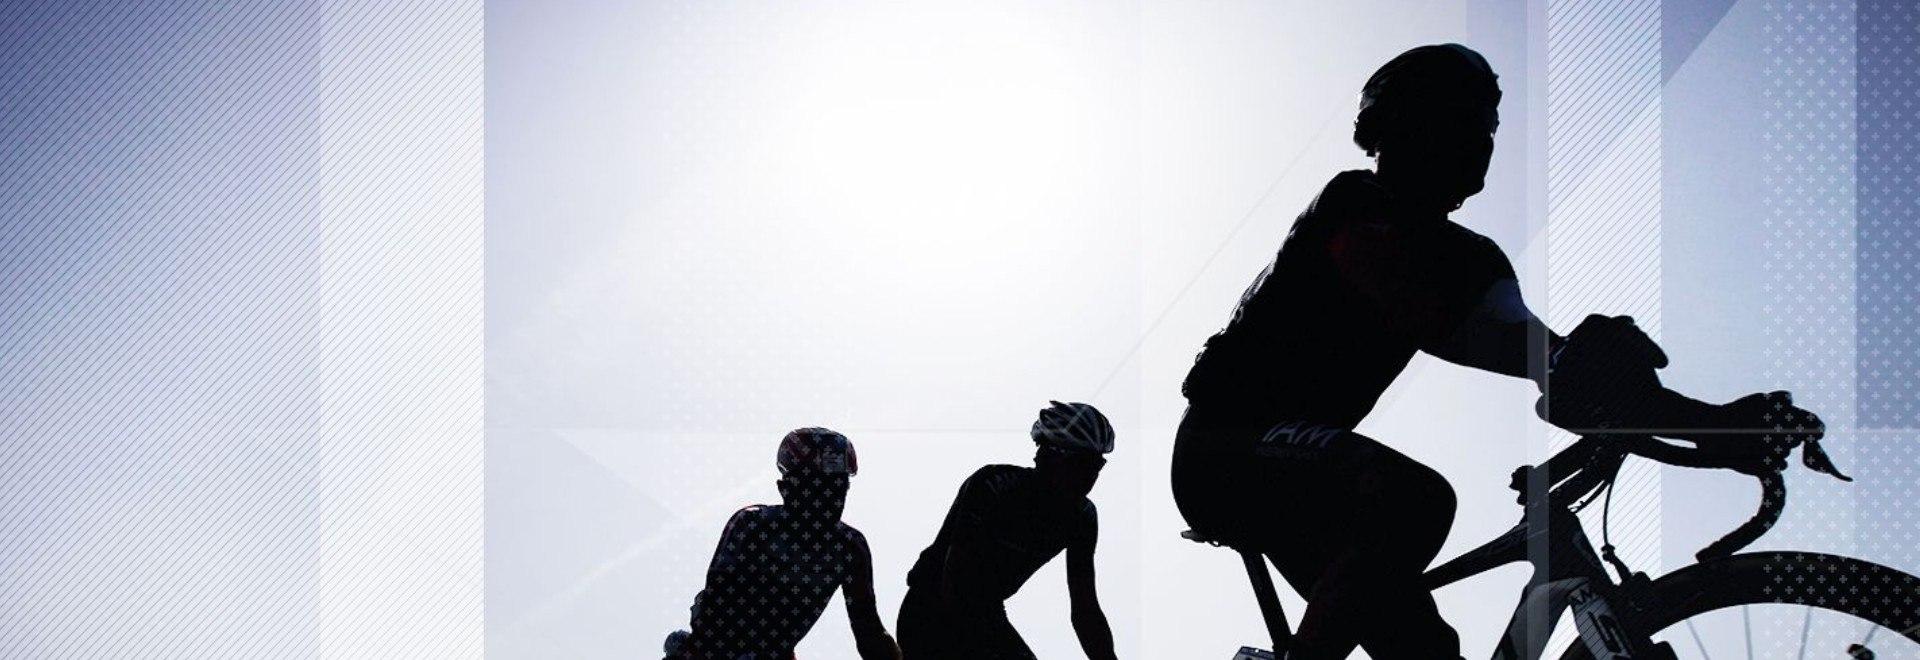 Best of Parigi - Roubaix